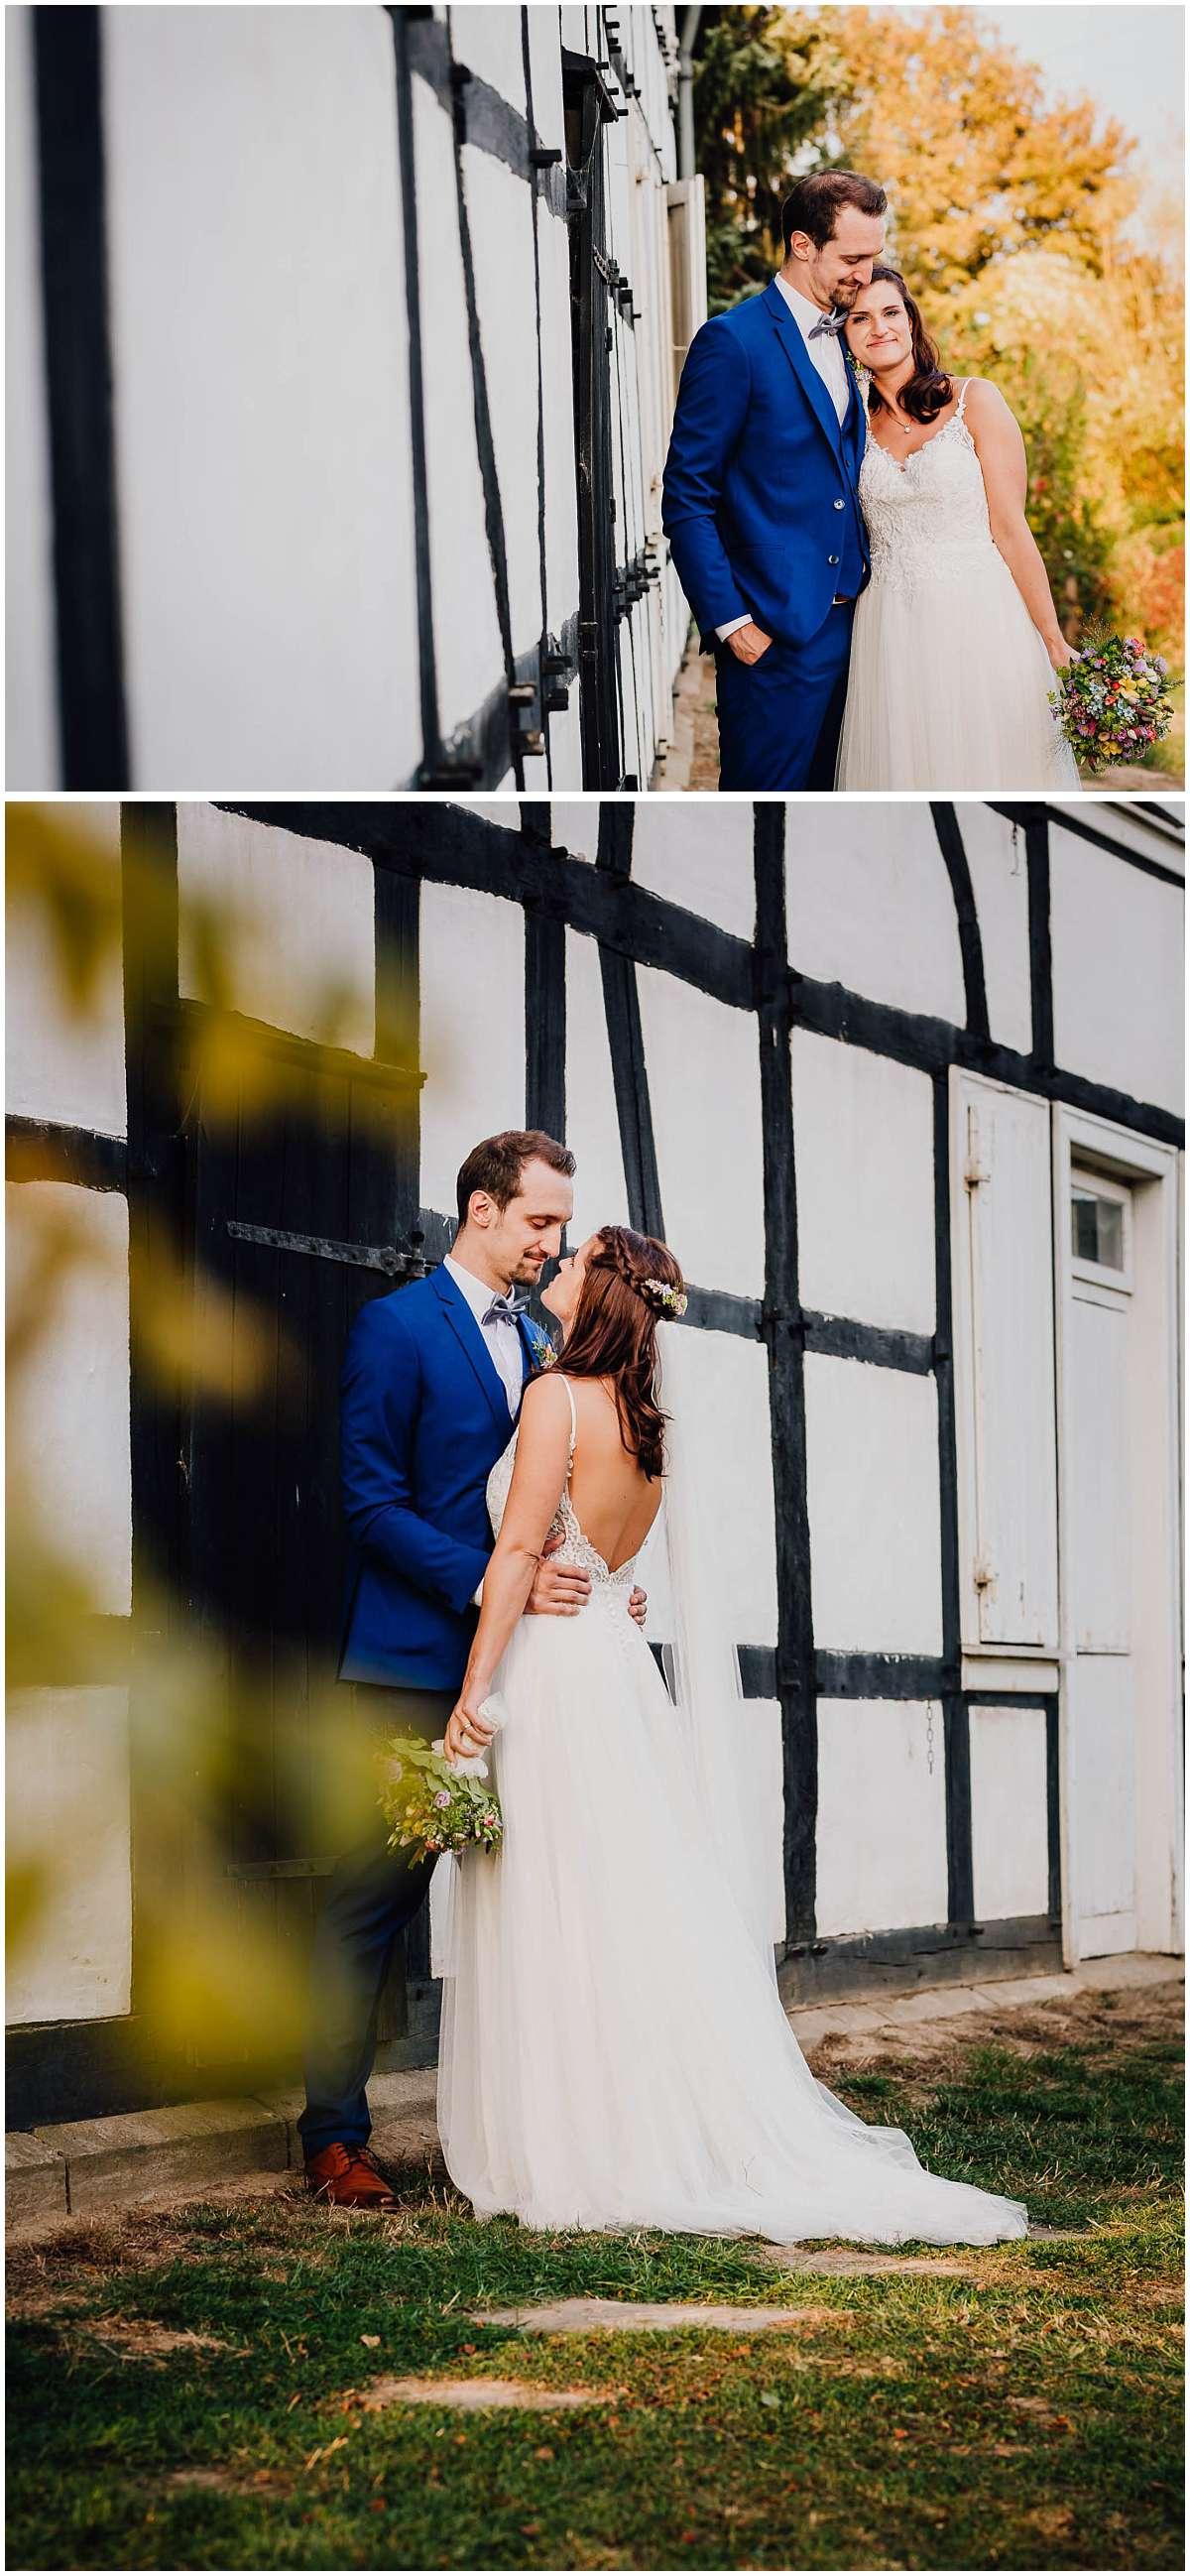 Hochzeitsfotos an der Wasserburg Haus Kemnade in Hattingen